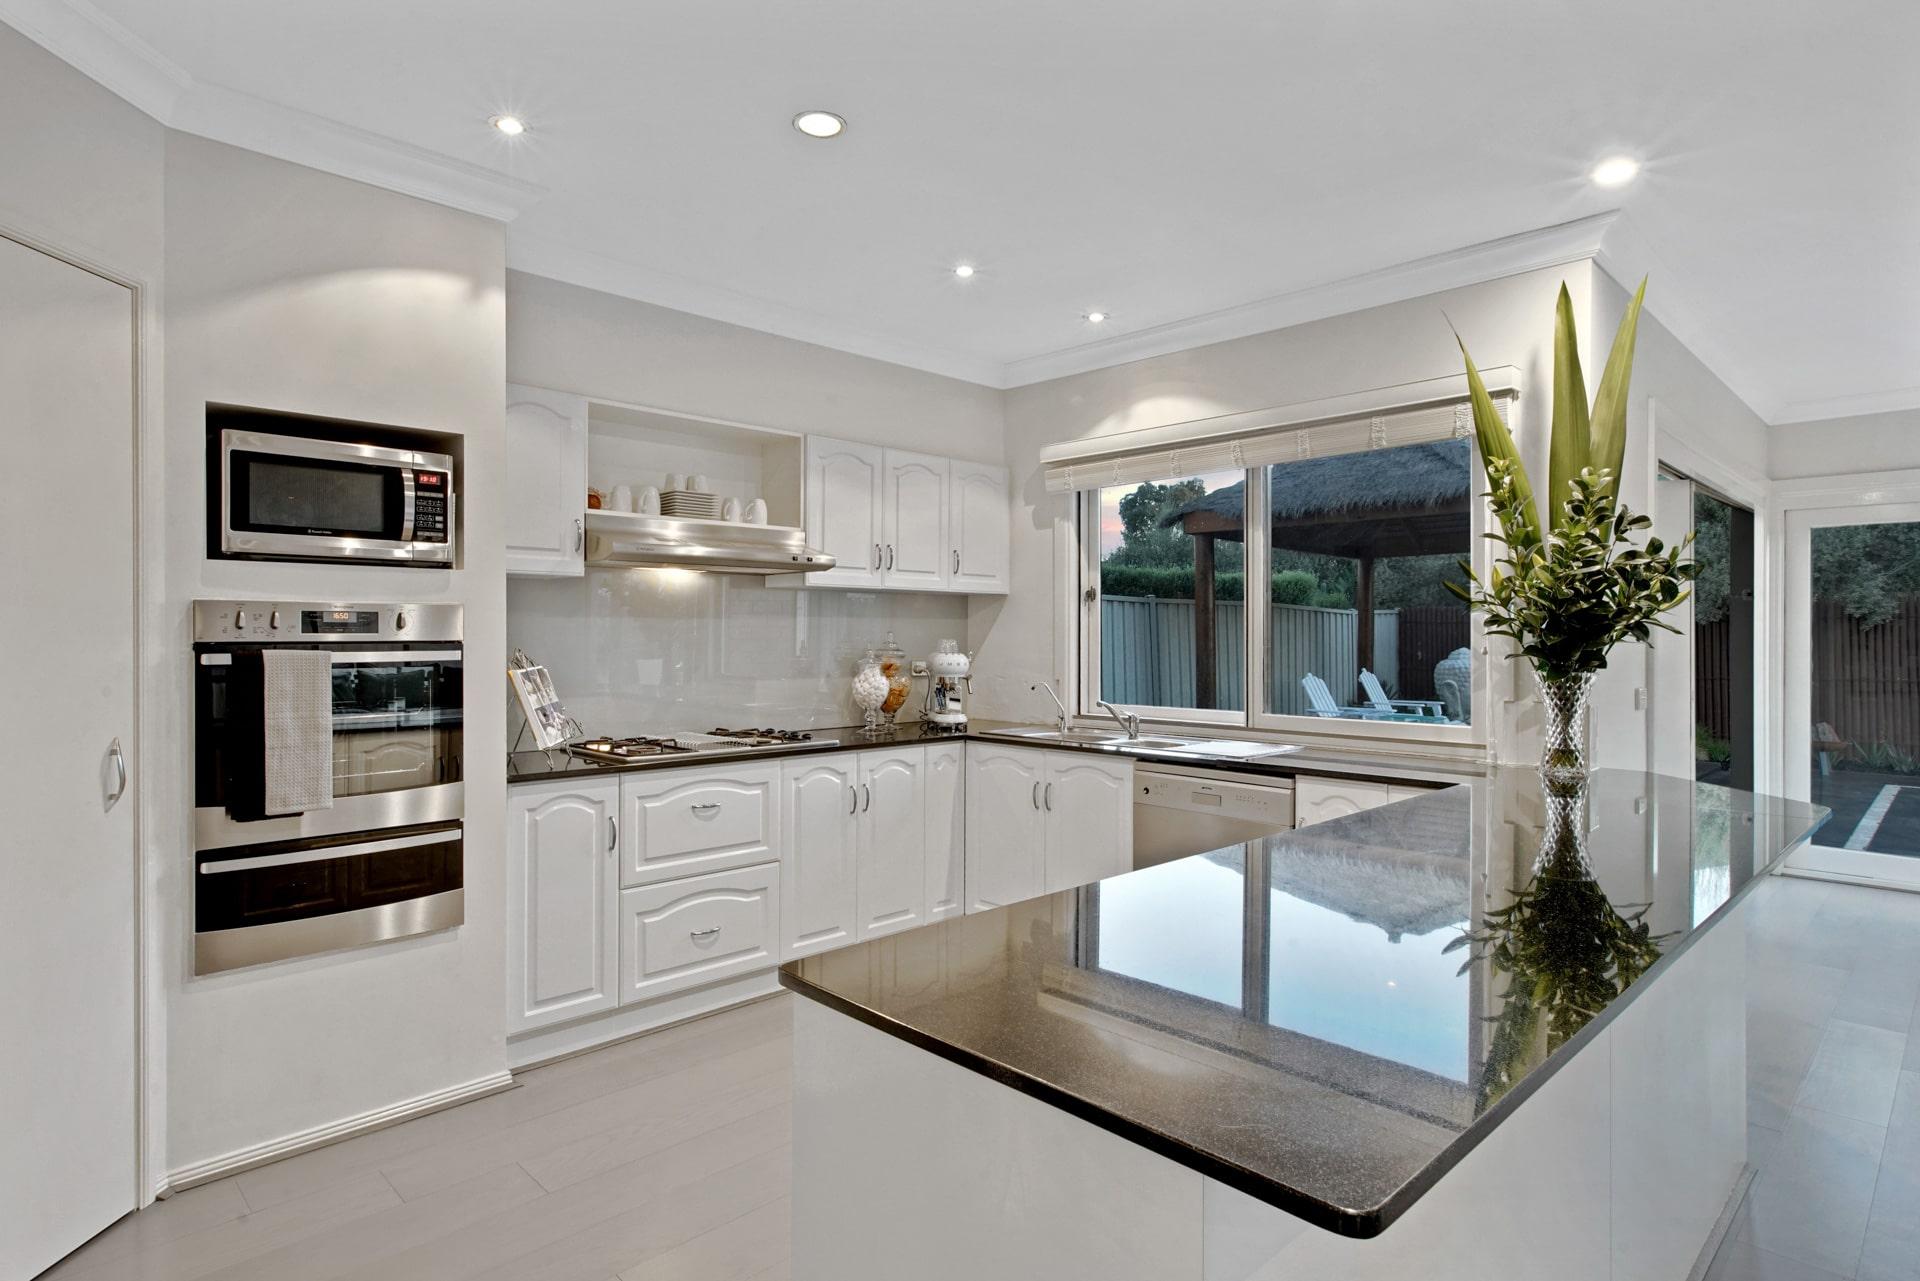 Photographie immobilière HDR d'une cuisine.